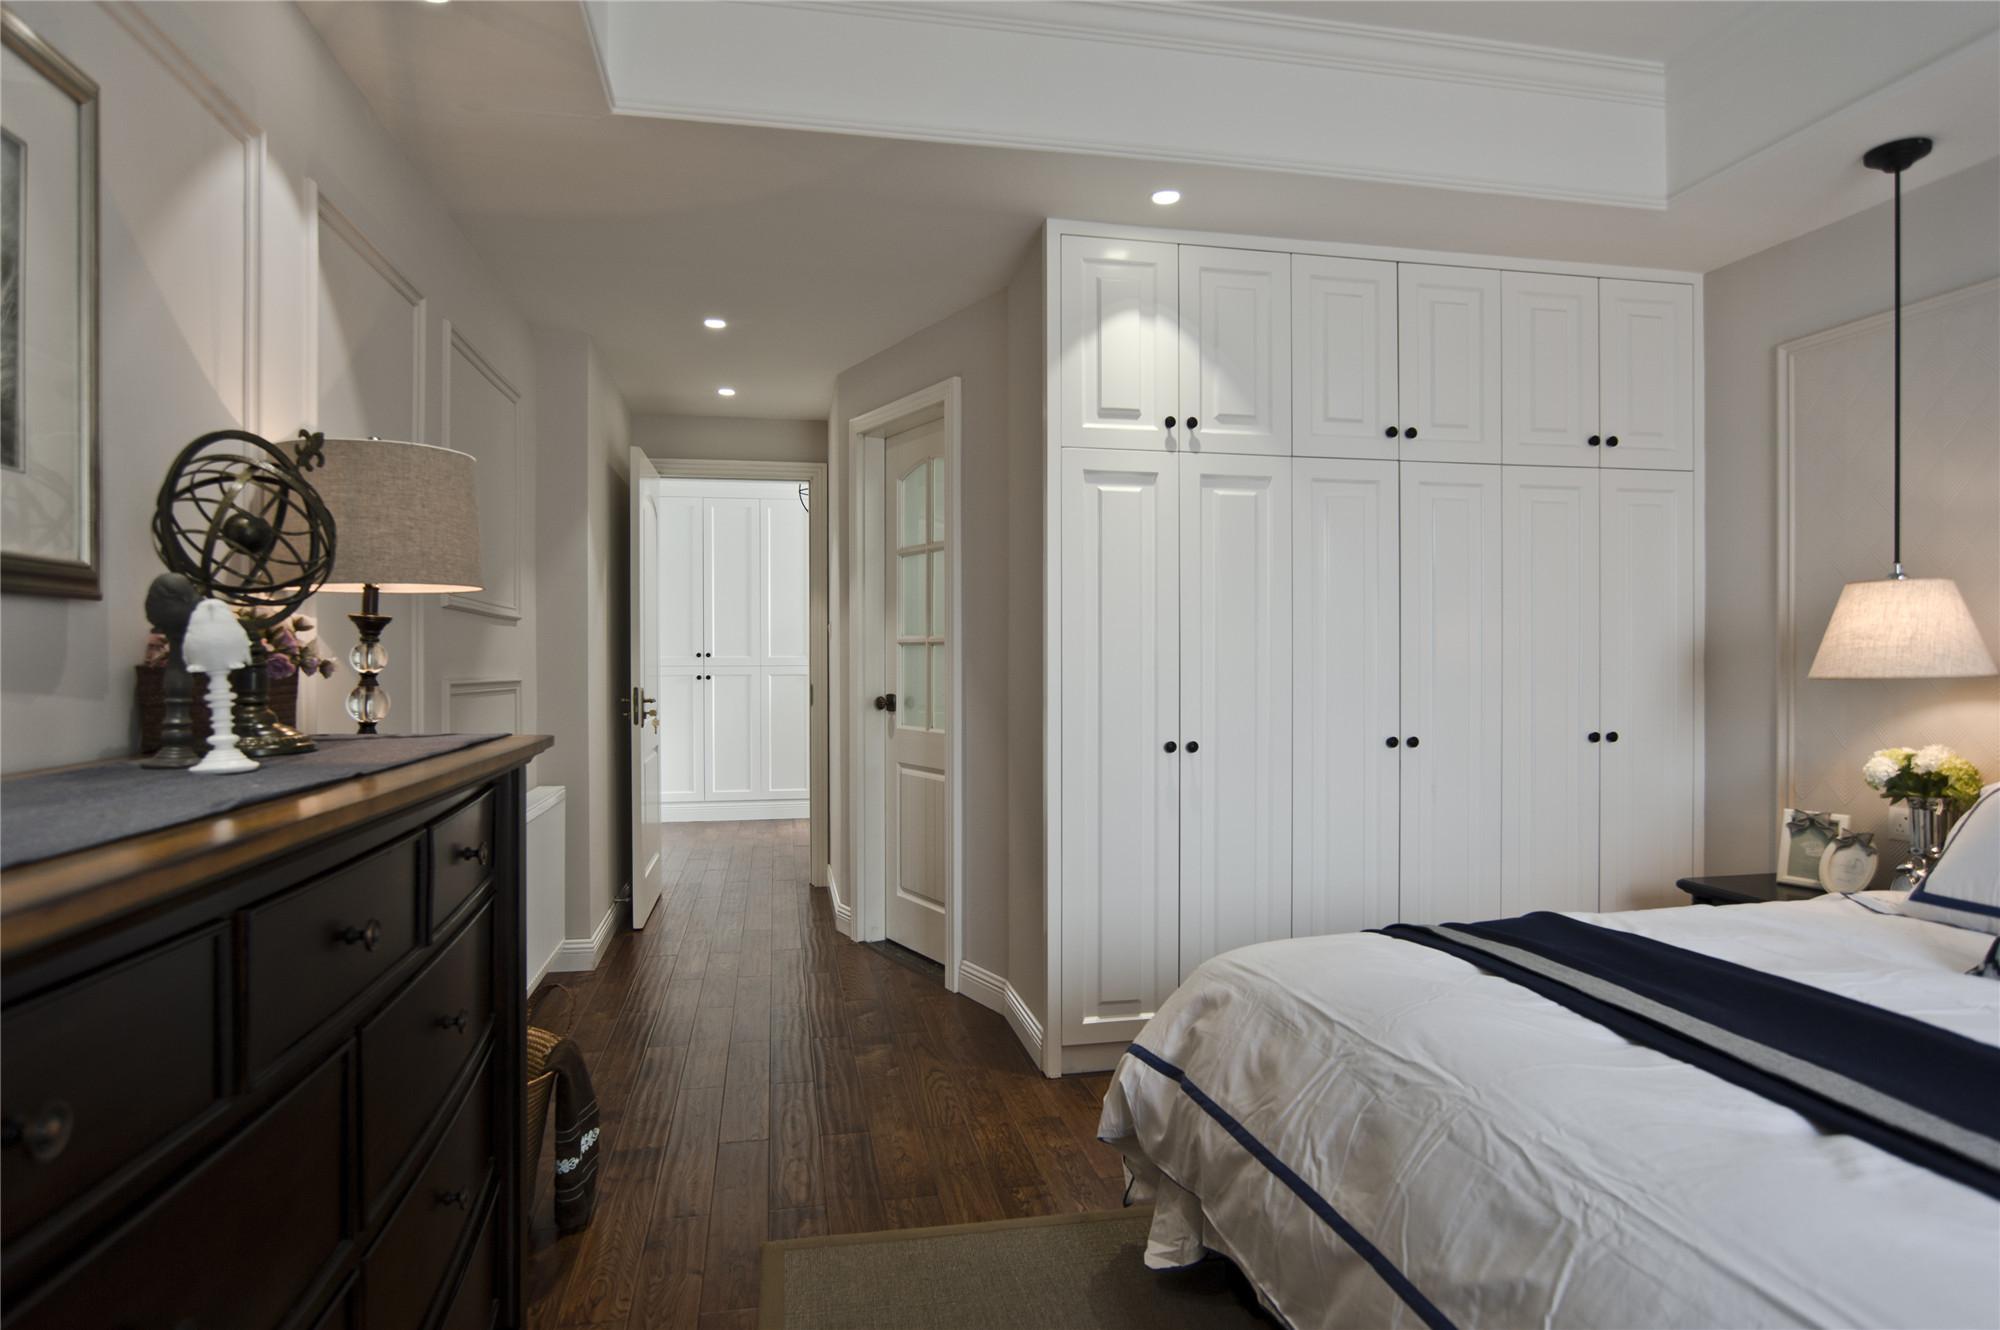 温馨美式风格三居装修衣柜图片